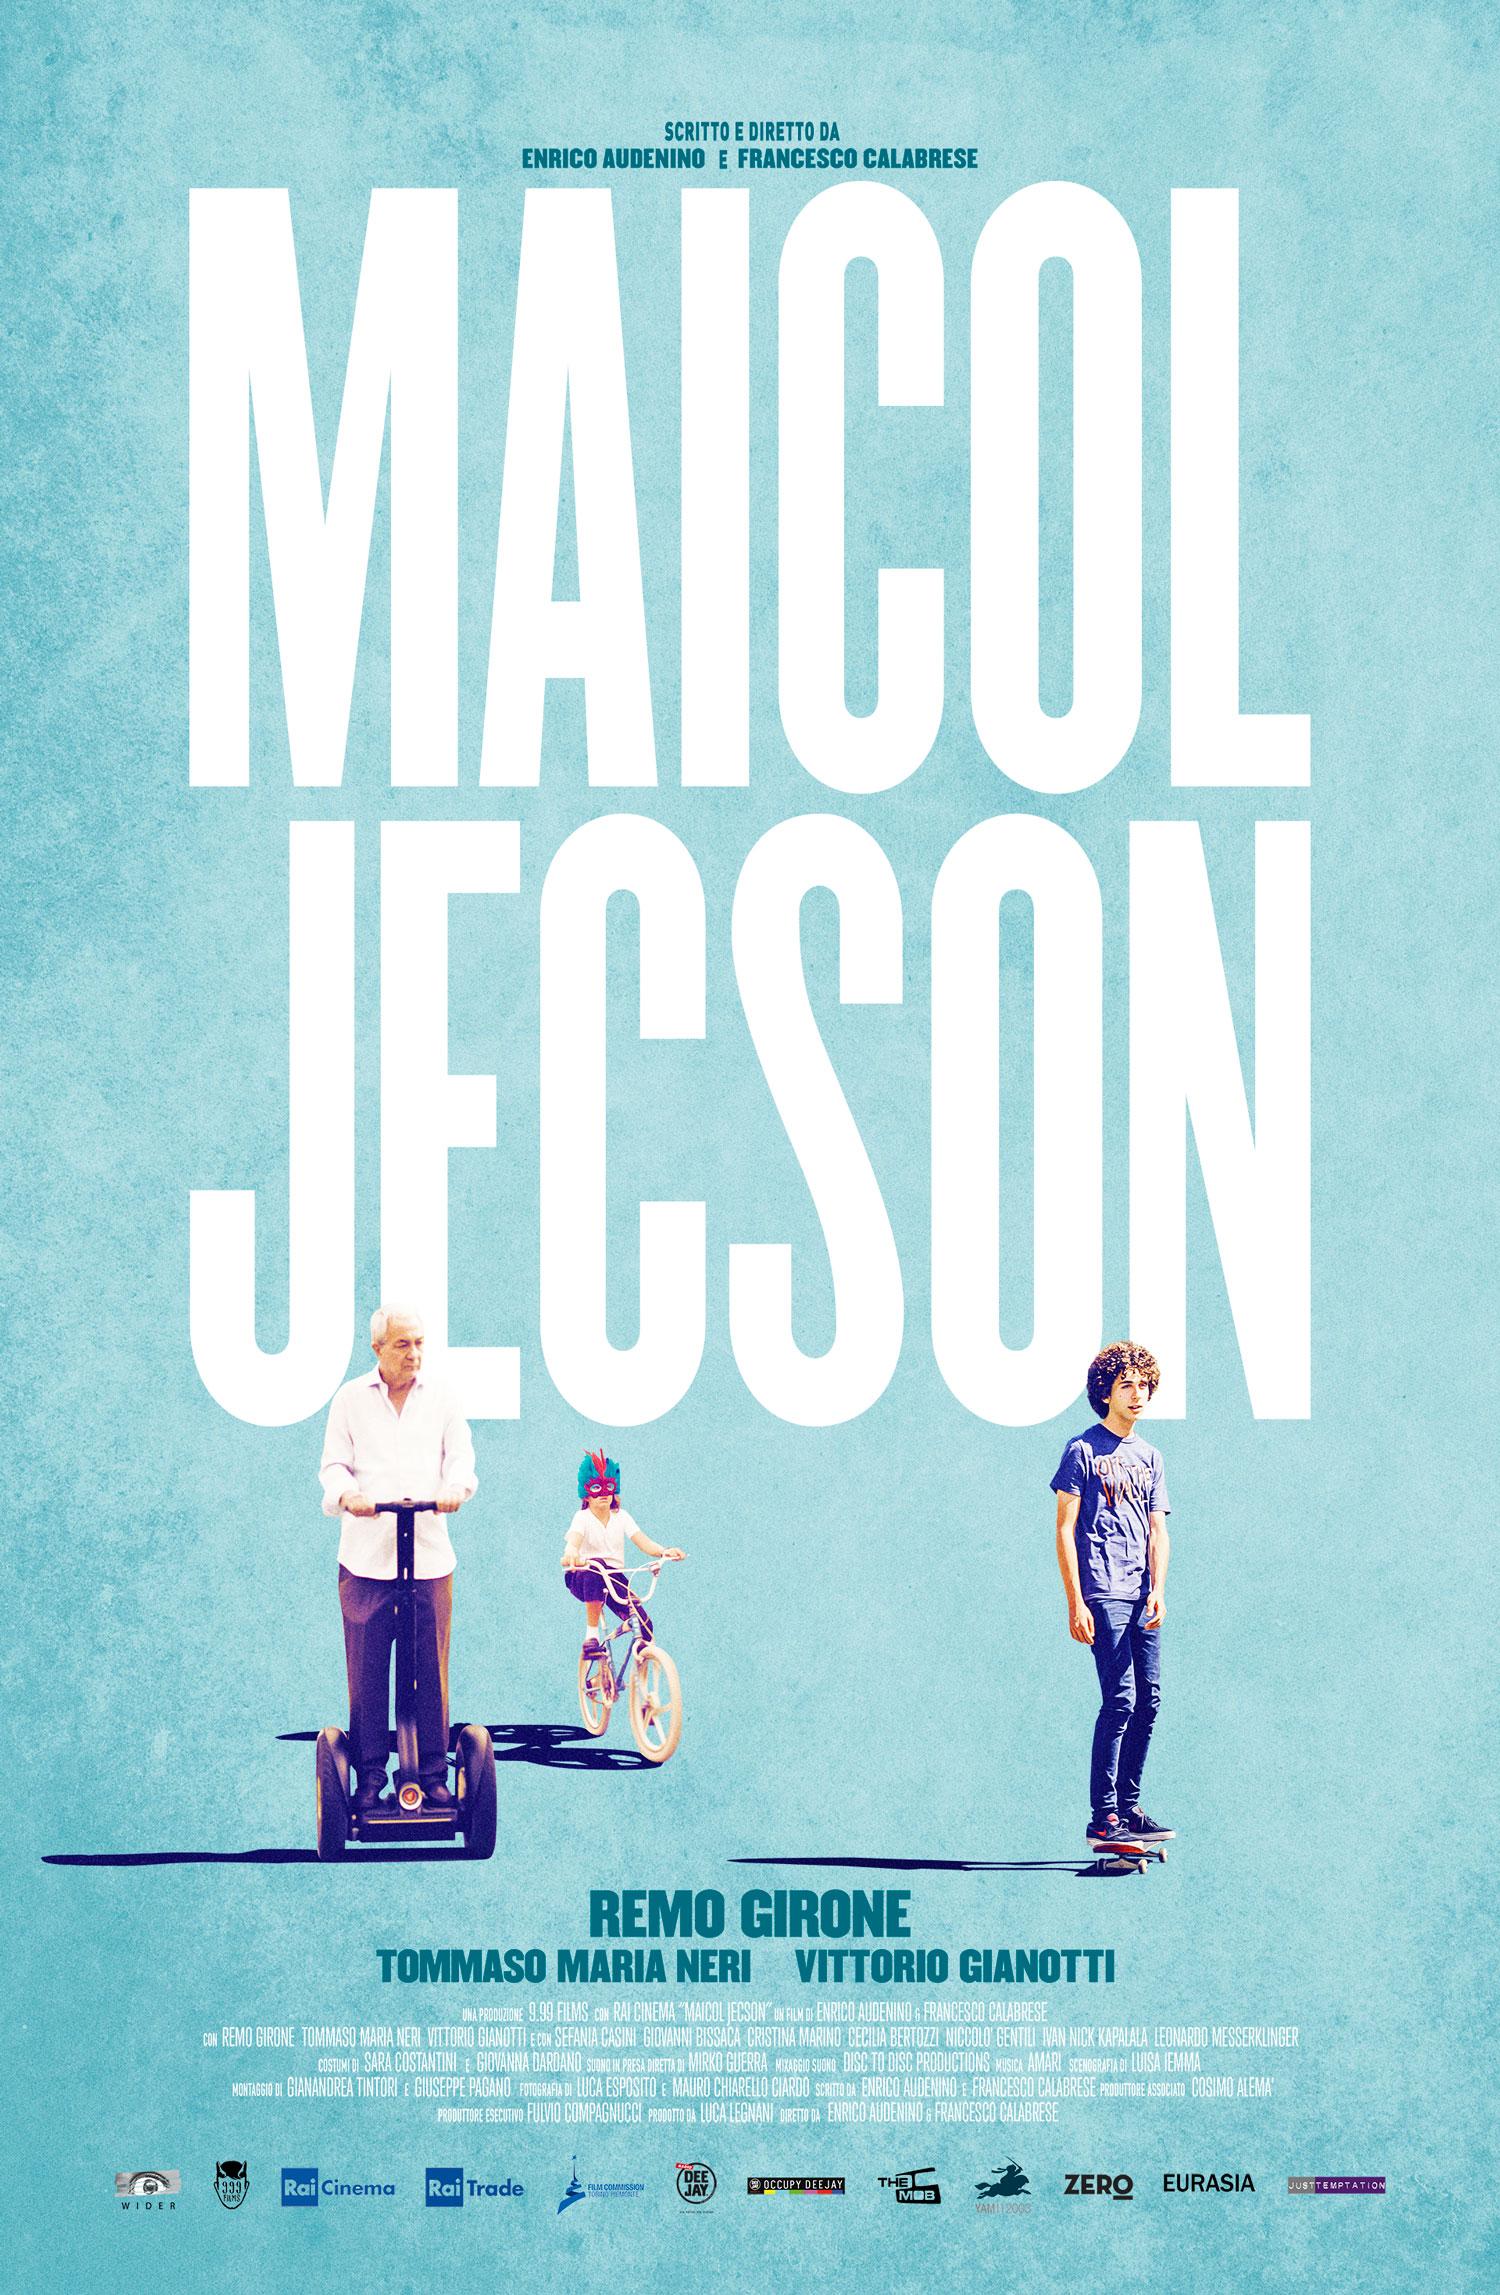 MAICOL_JECSON_POSTER_ITA